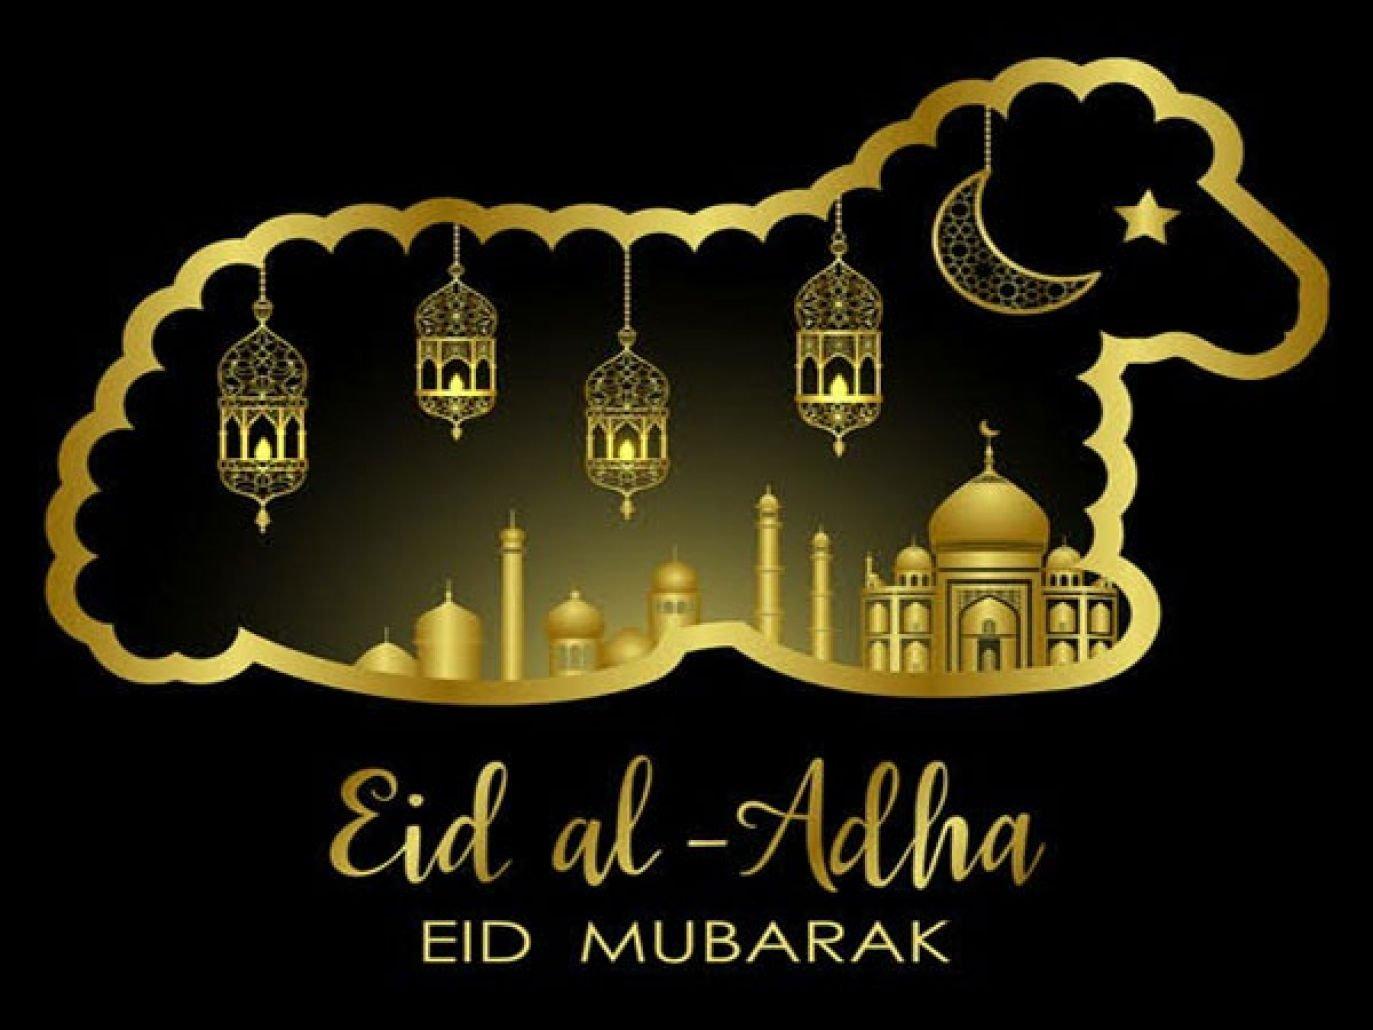 عيد الأضحى 5 مبارك - موجز مصر